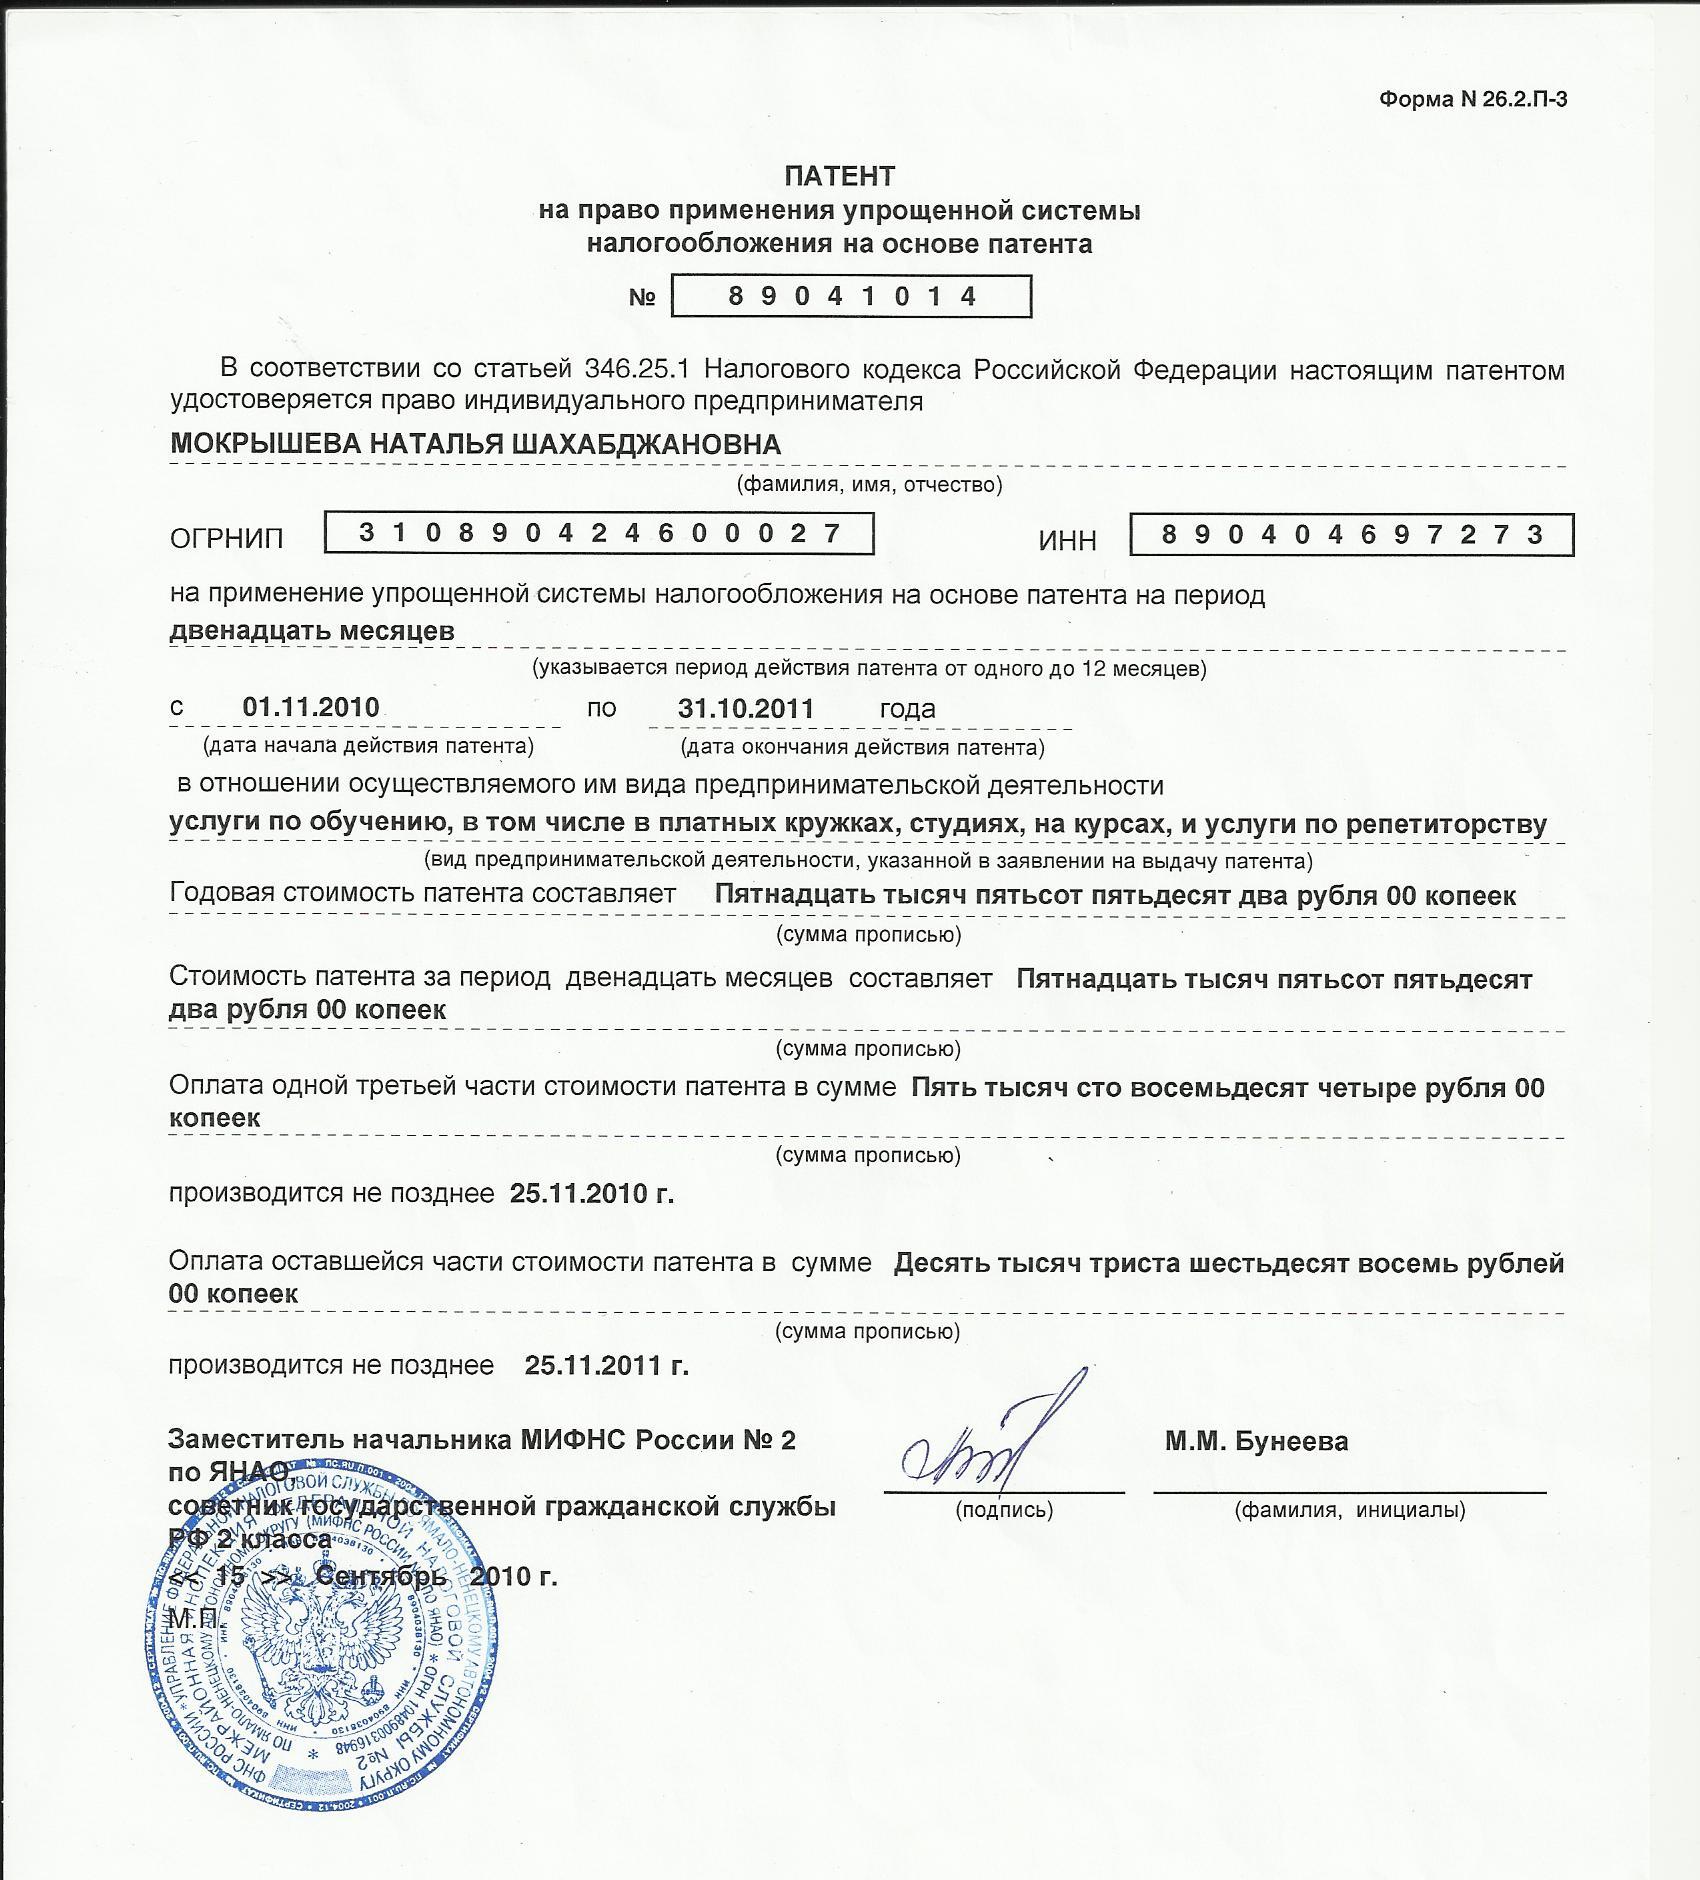 мог Патент ип московская область 2017 отложил эти